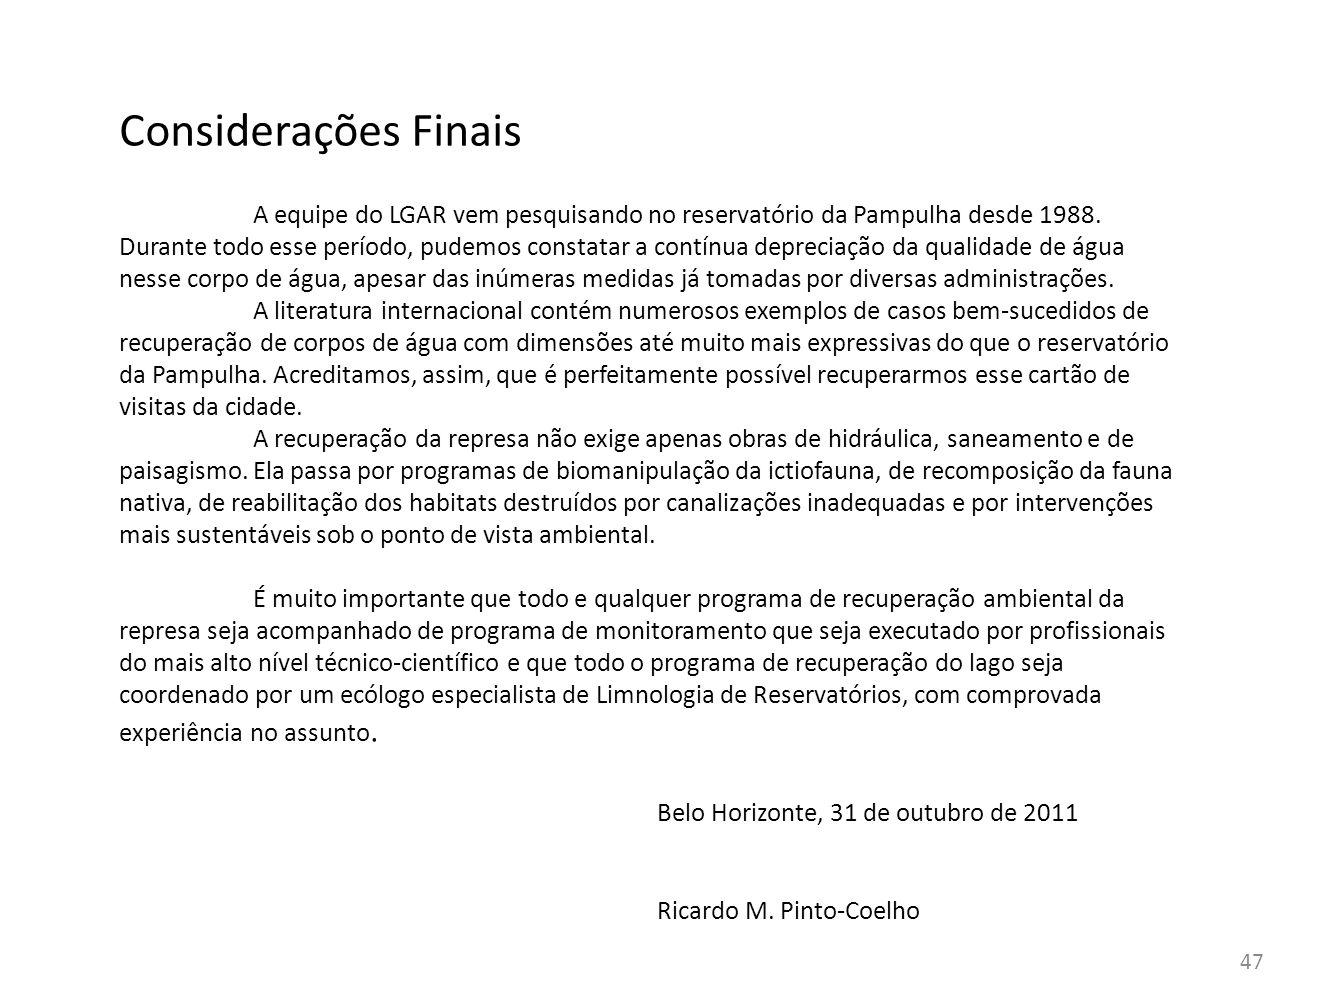 Considerações Finais Belo Horizonte, 31 de outubro de 2011